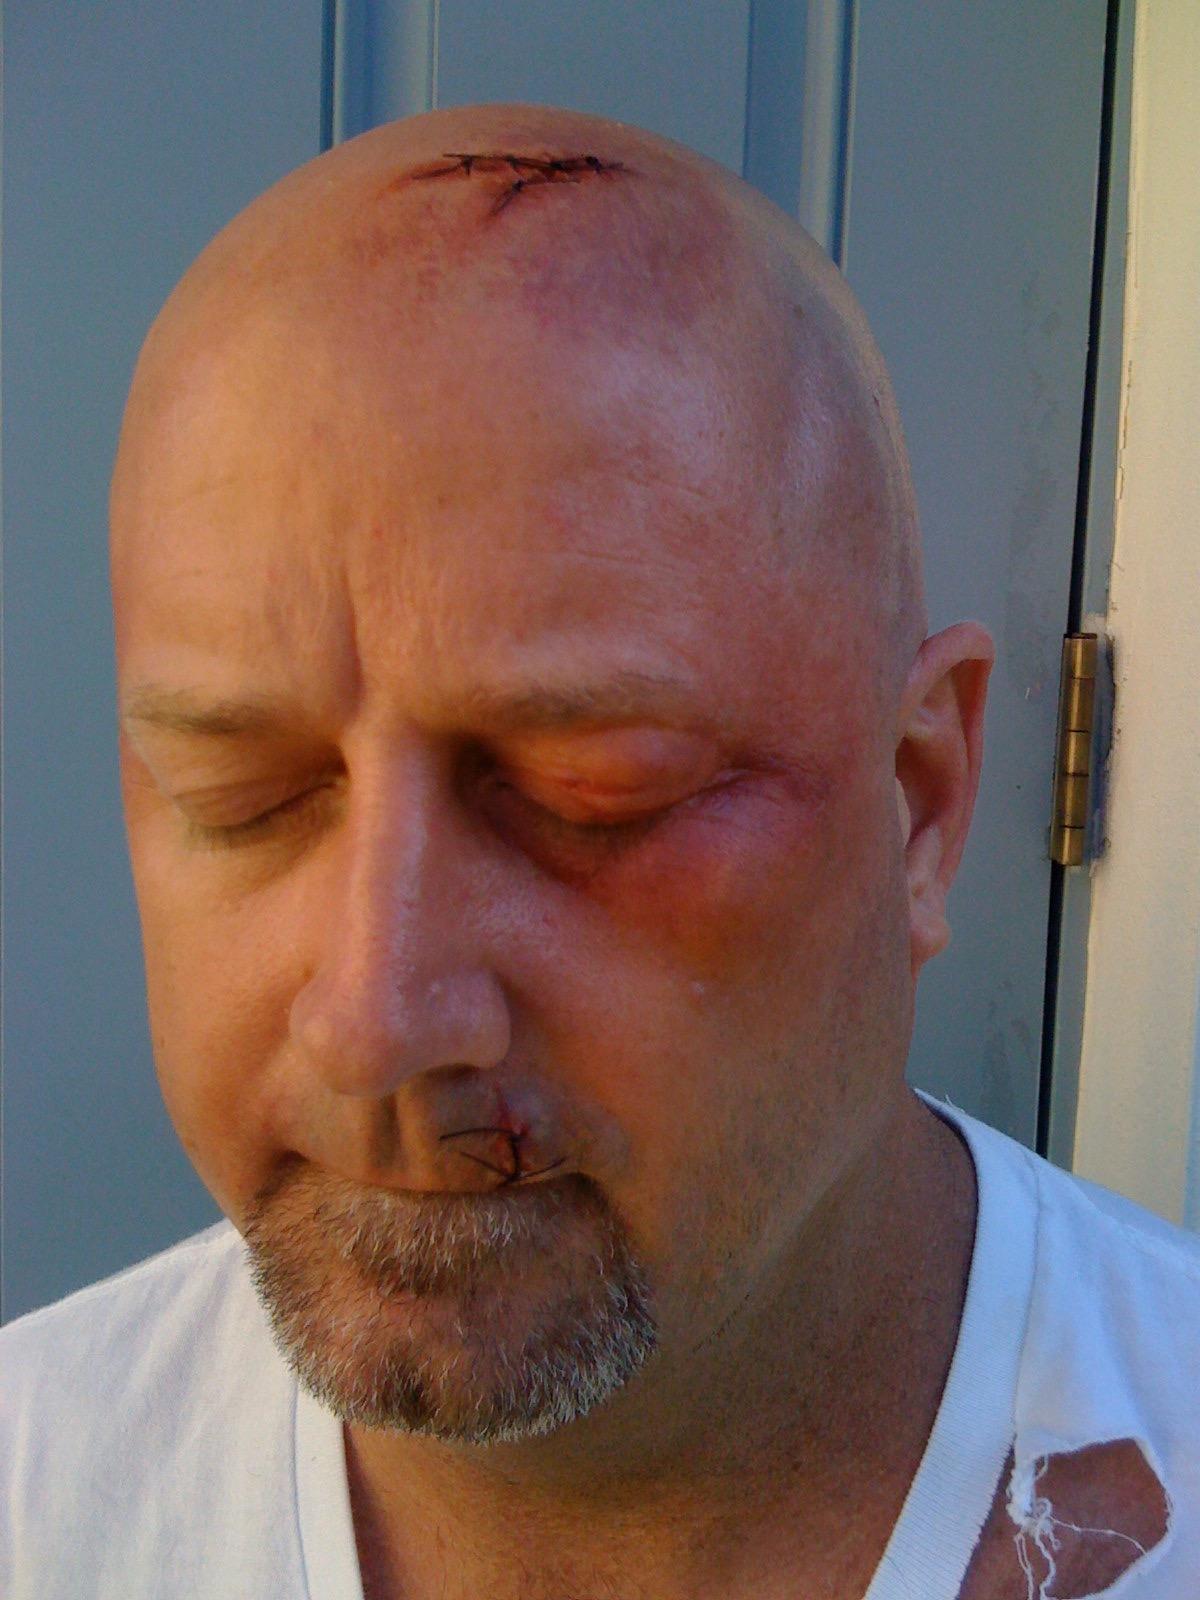 Head Wound.jpg